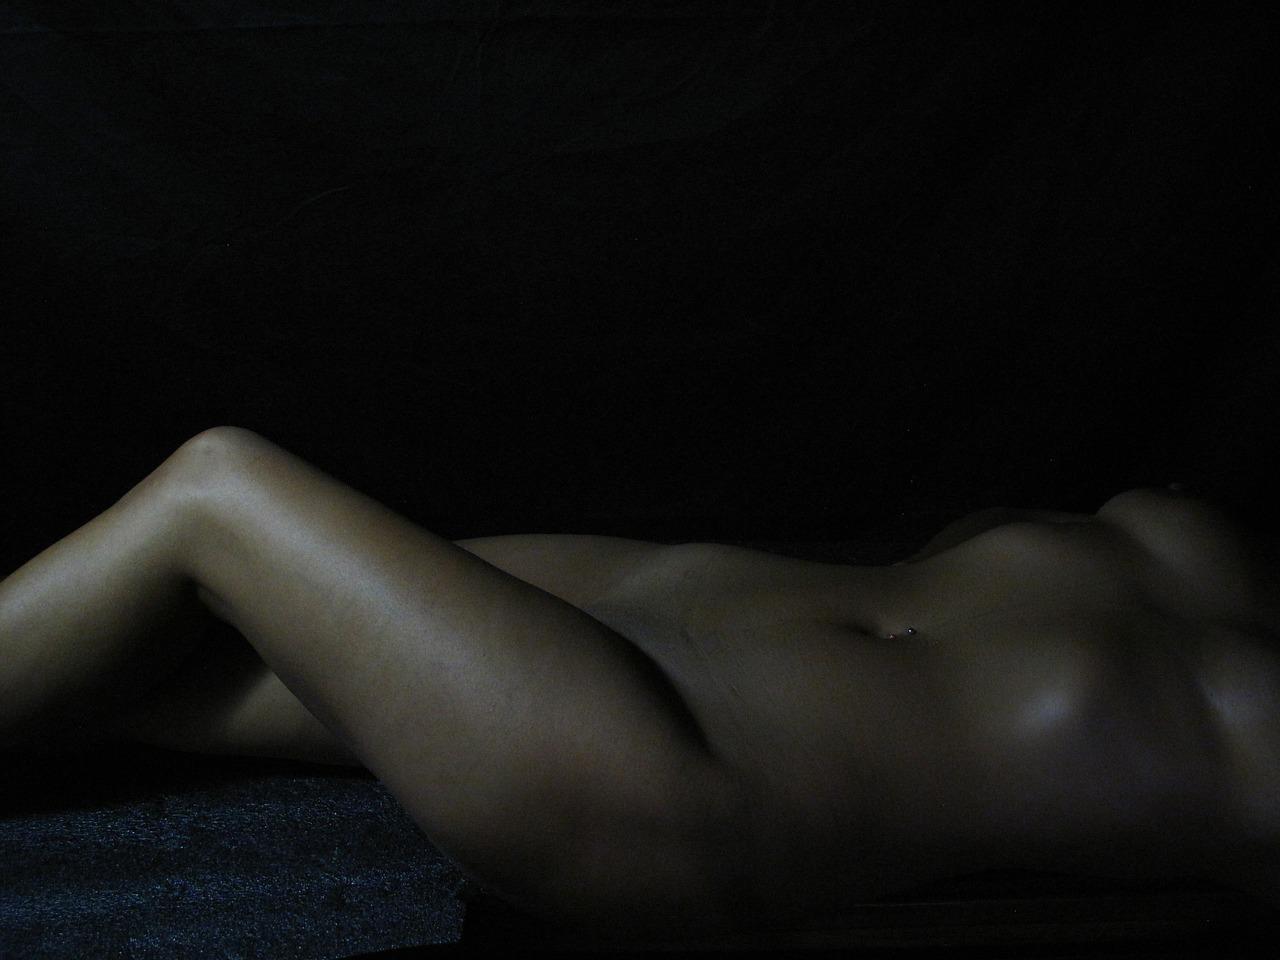 lying-down-1988939_1280